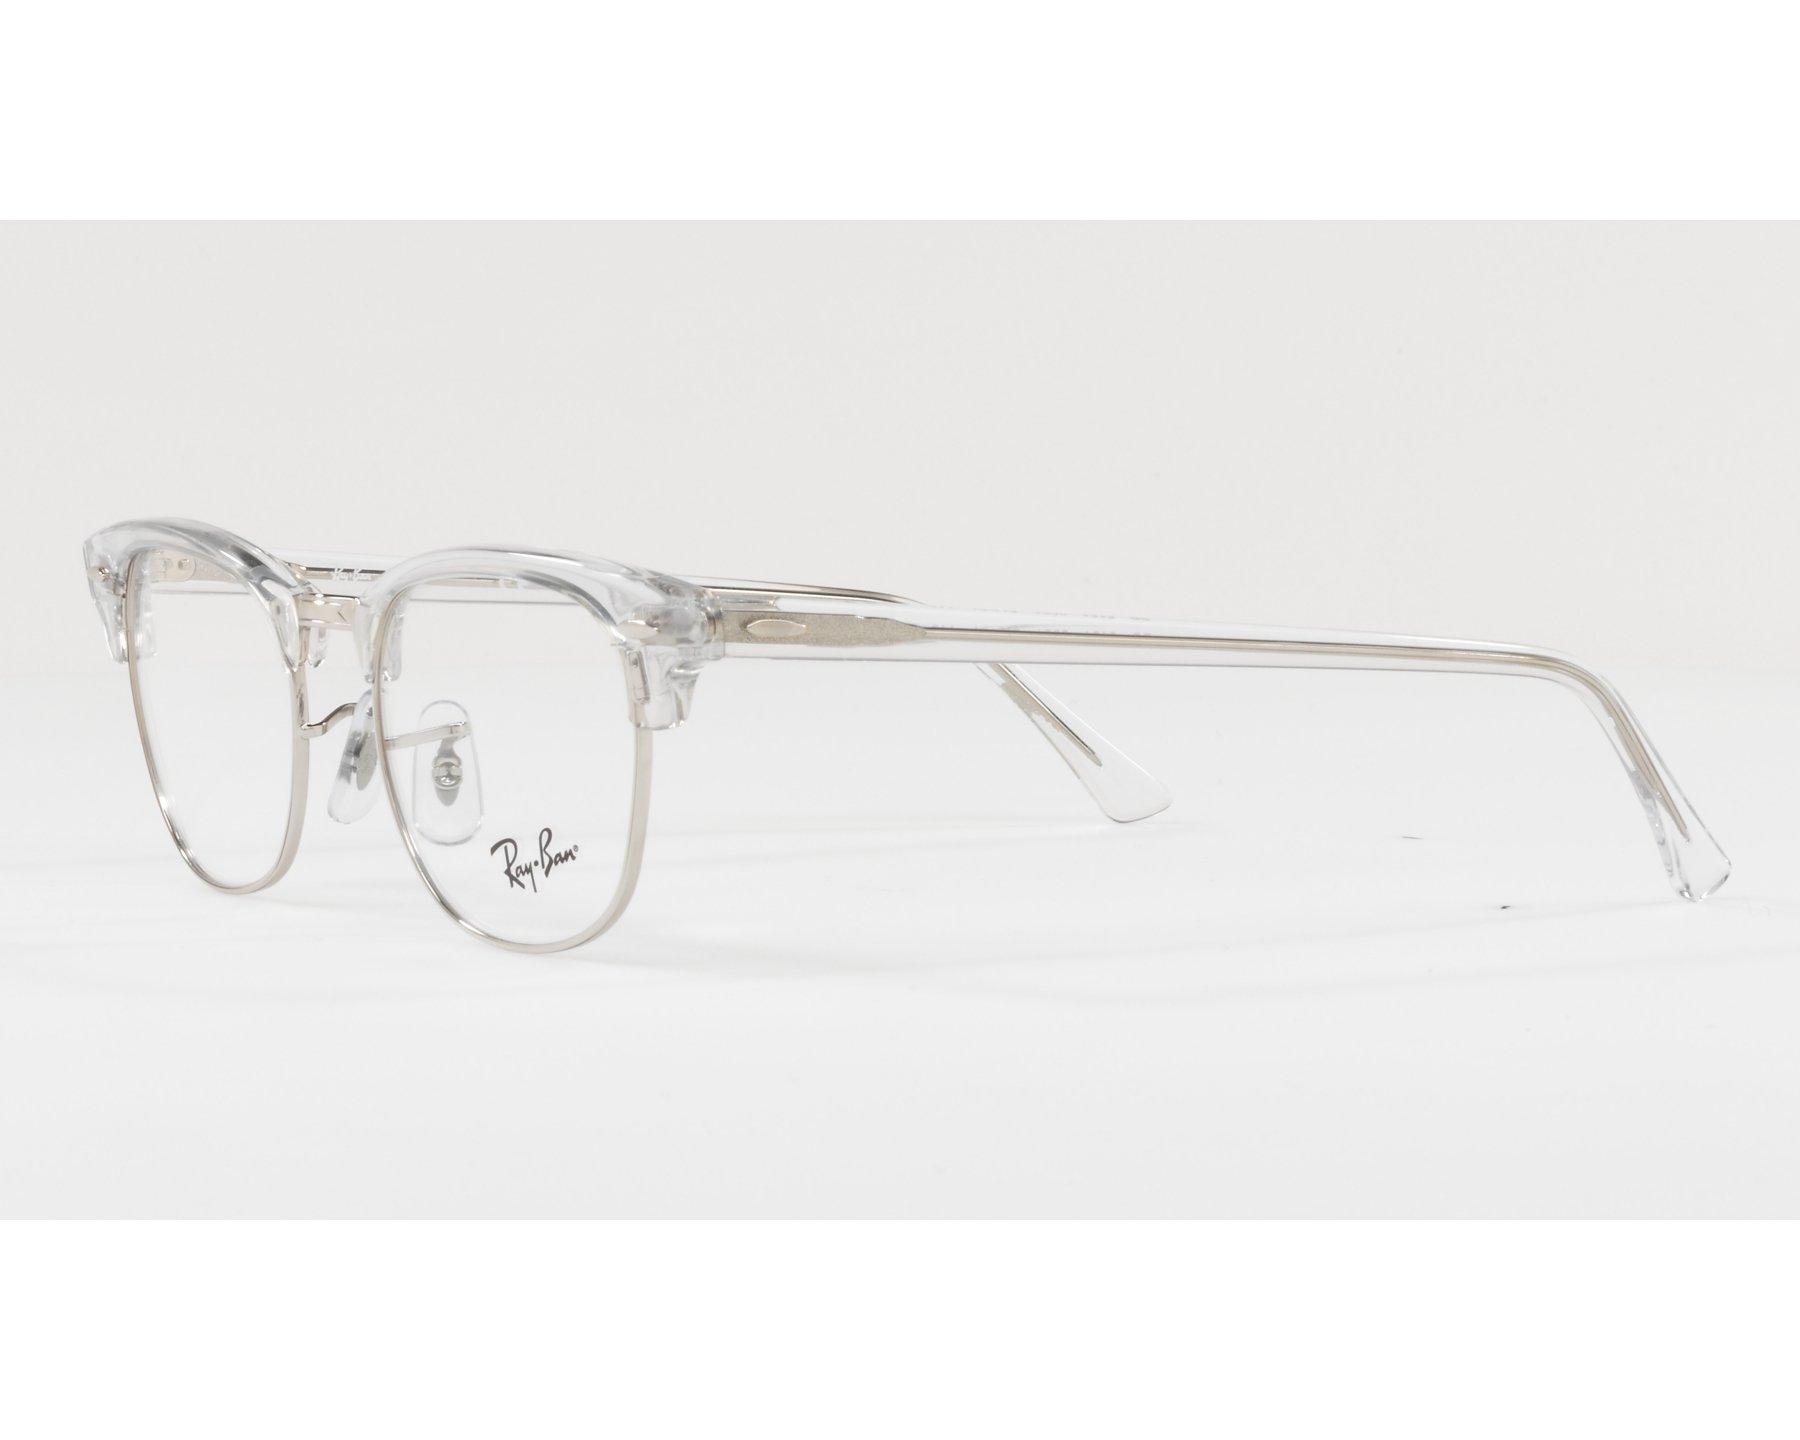 0978d03bc4a eyeglasses Ray-Ban RX-5154 2001 49-21 Crystal Silver 360 degree view